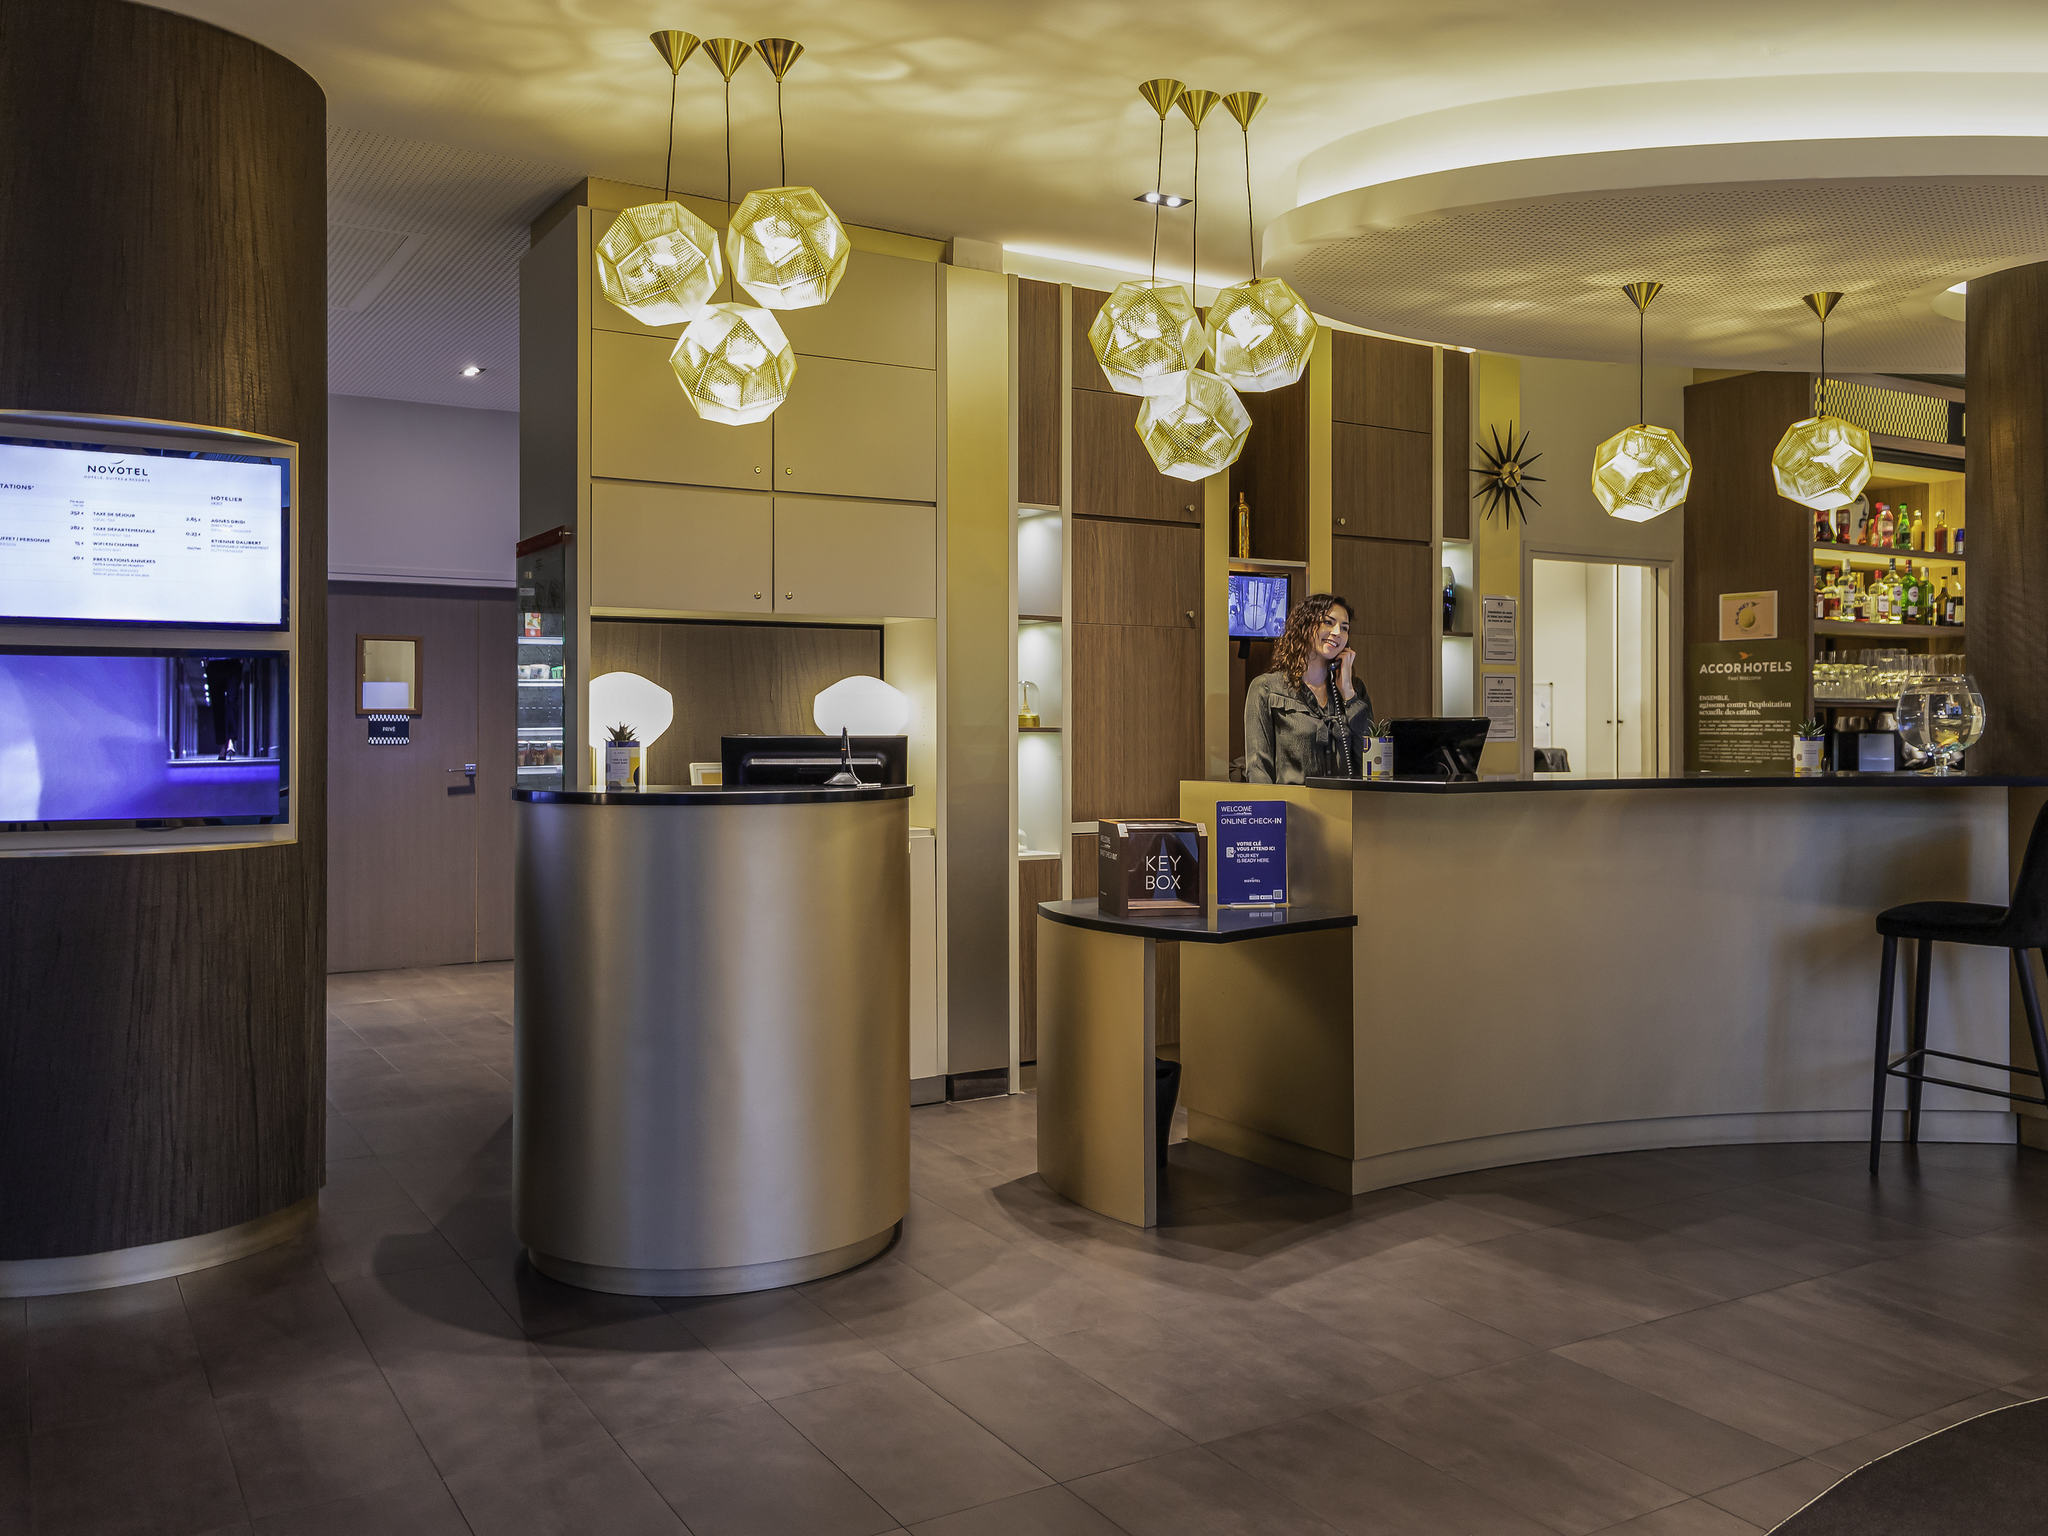 Hotell – Novotel Suites Paris Expo Porte de Versailles